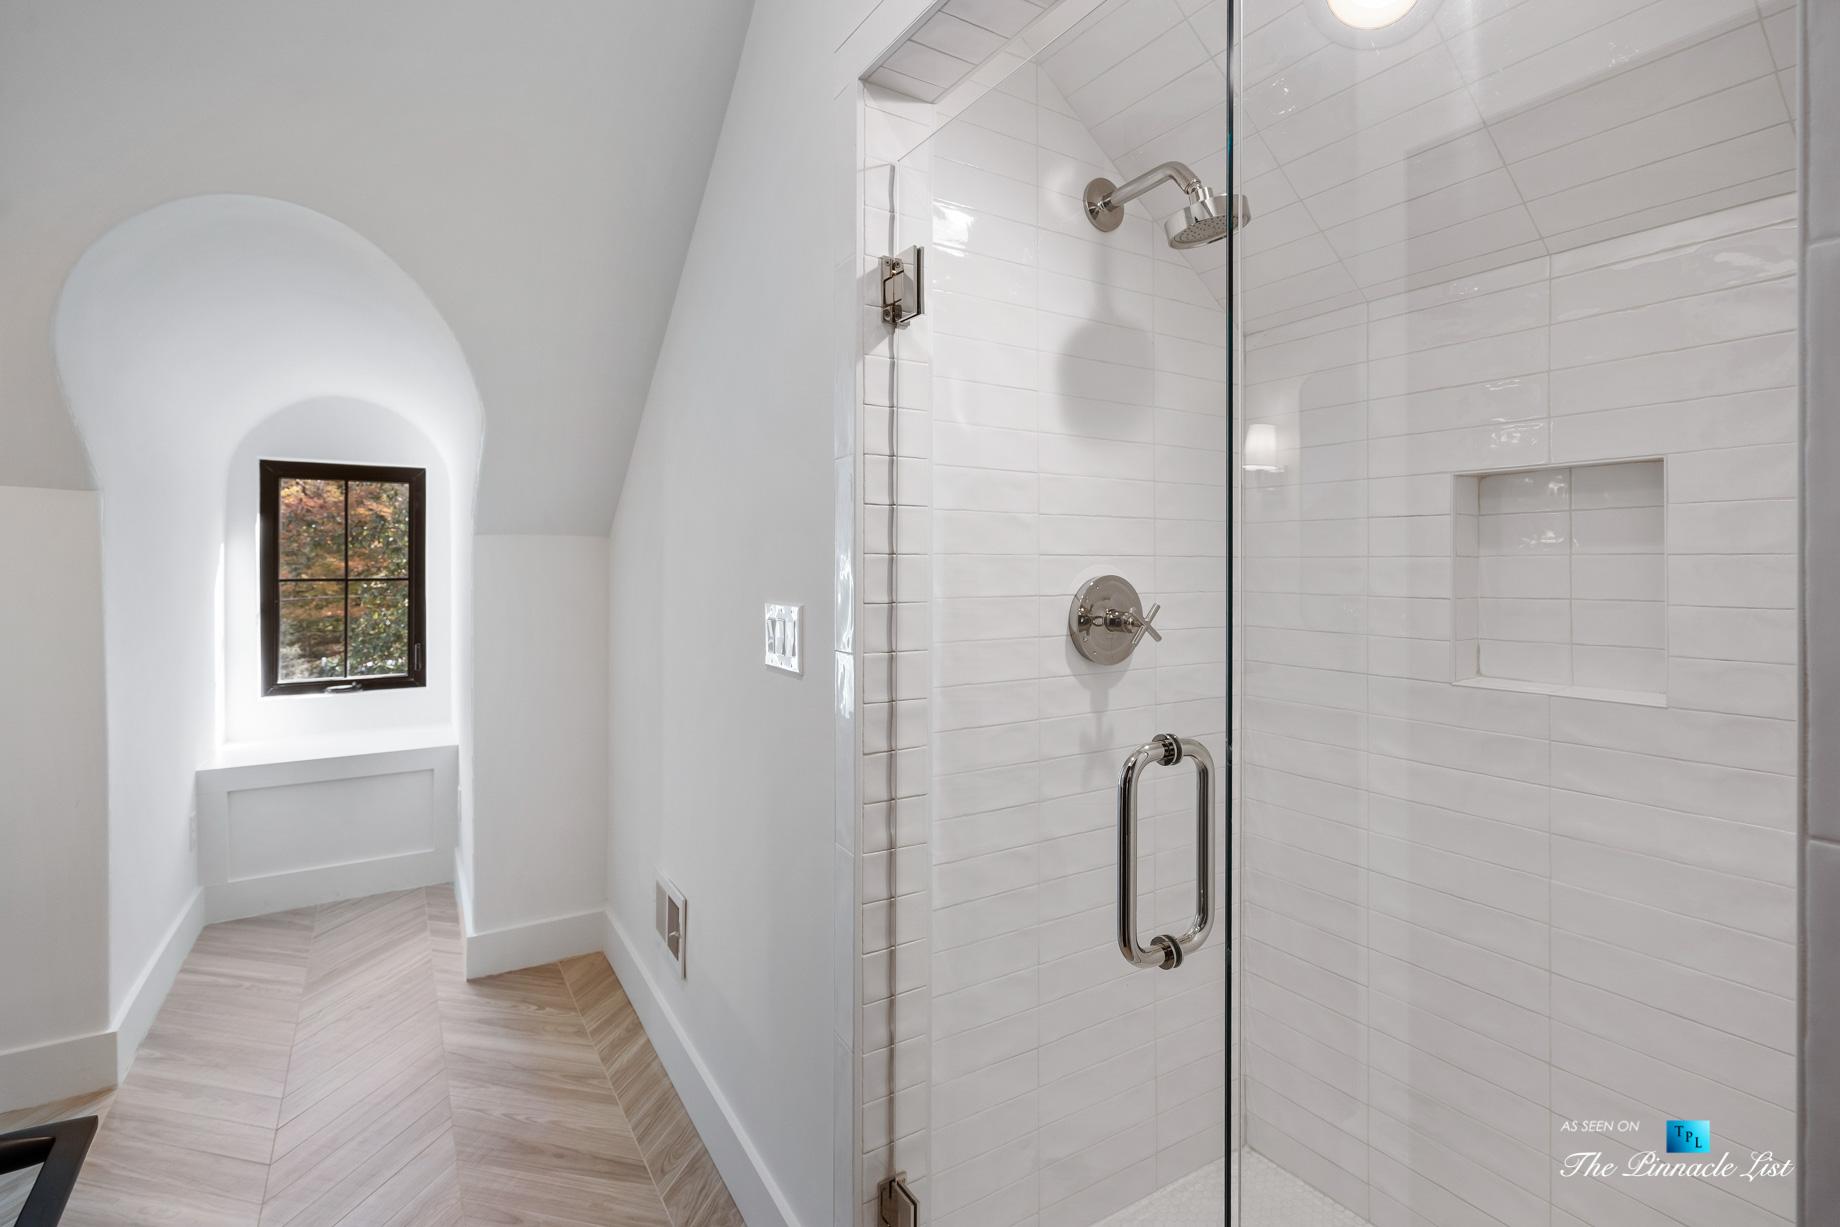 447 Valley Rd NW, Atlanta, GA, USA - Loft Living Area - Luxury Real Estate - Tuxedo Park Home